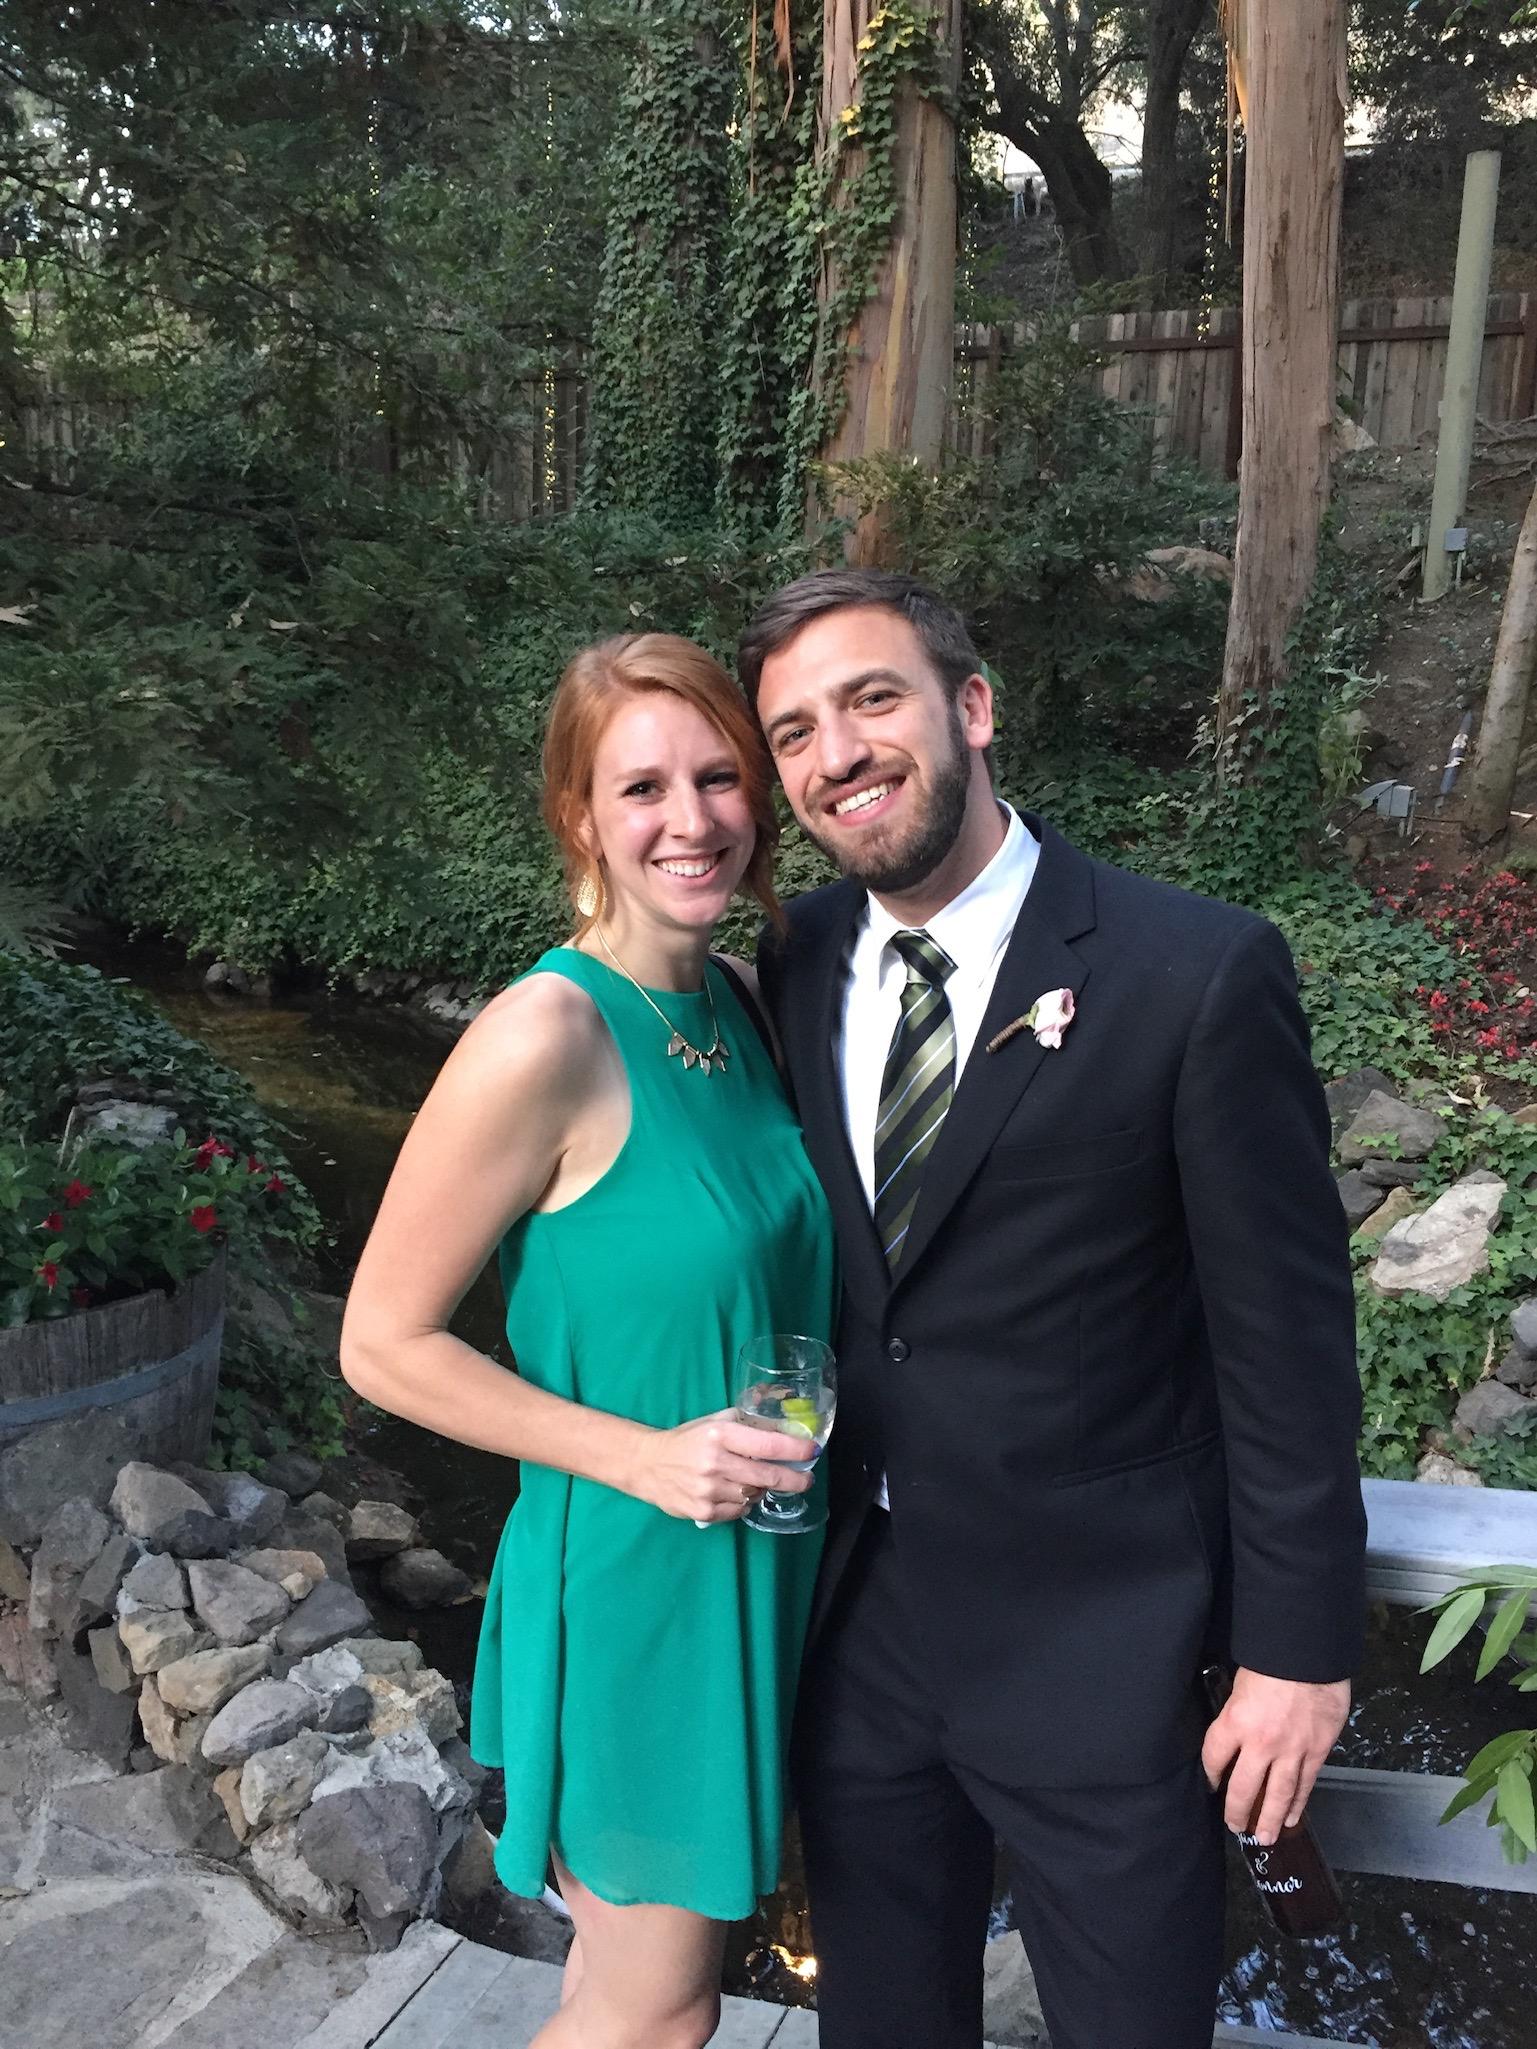 CONNOR & JAMIE'S WEDDING IN LA